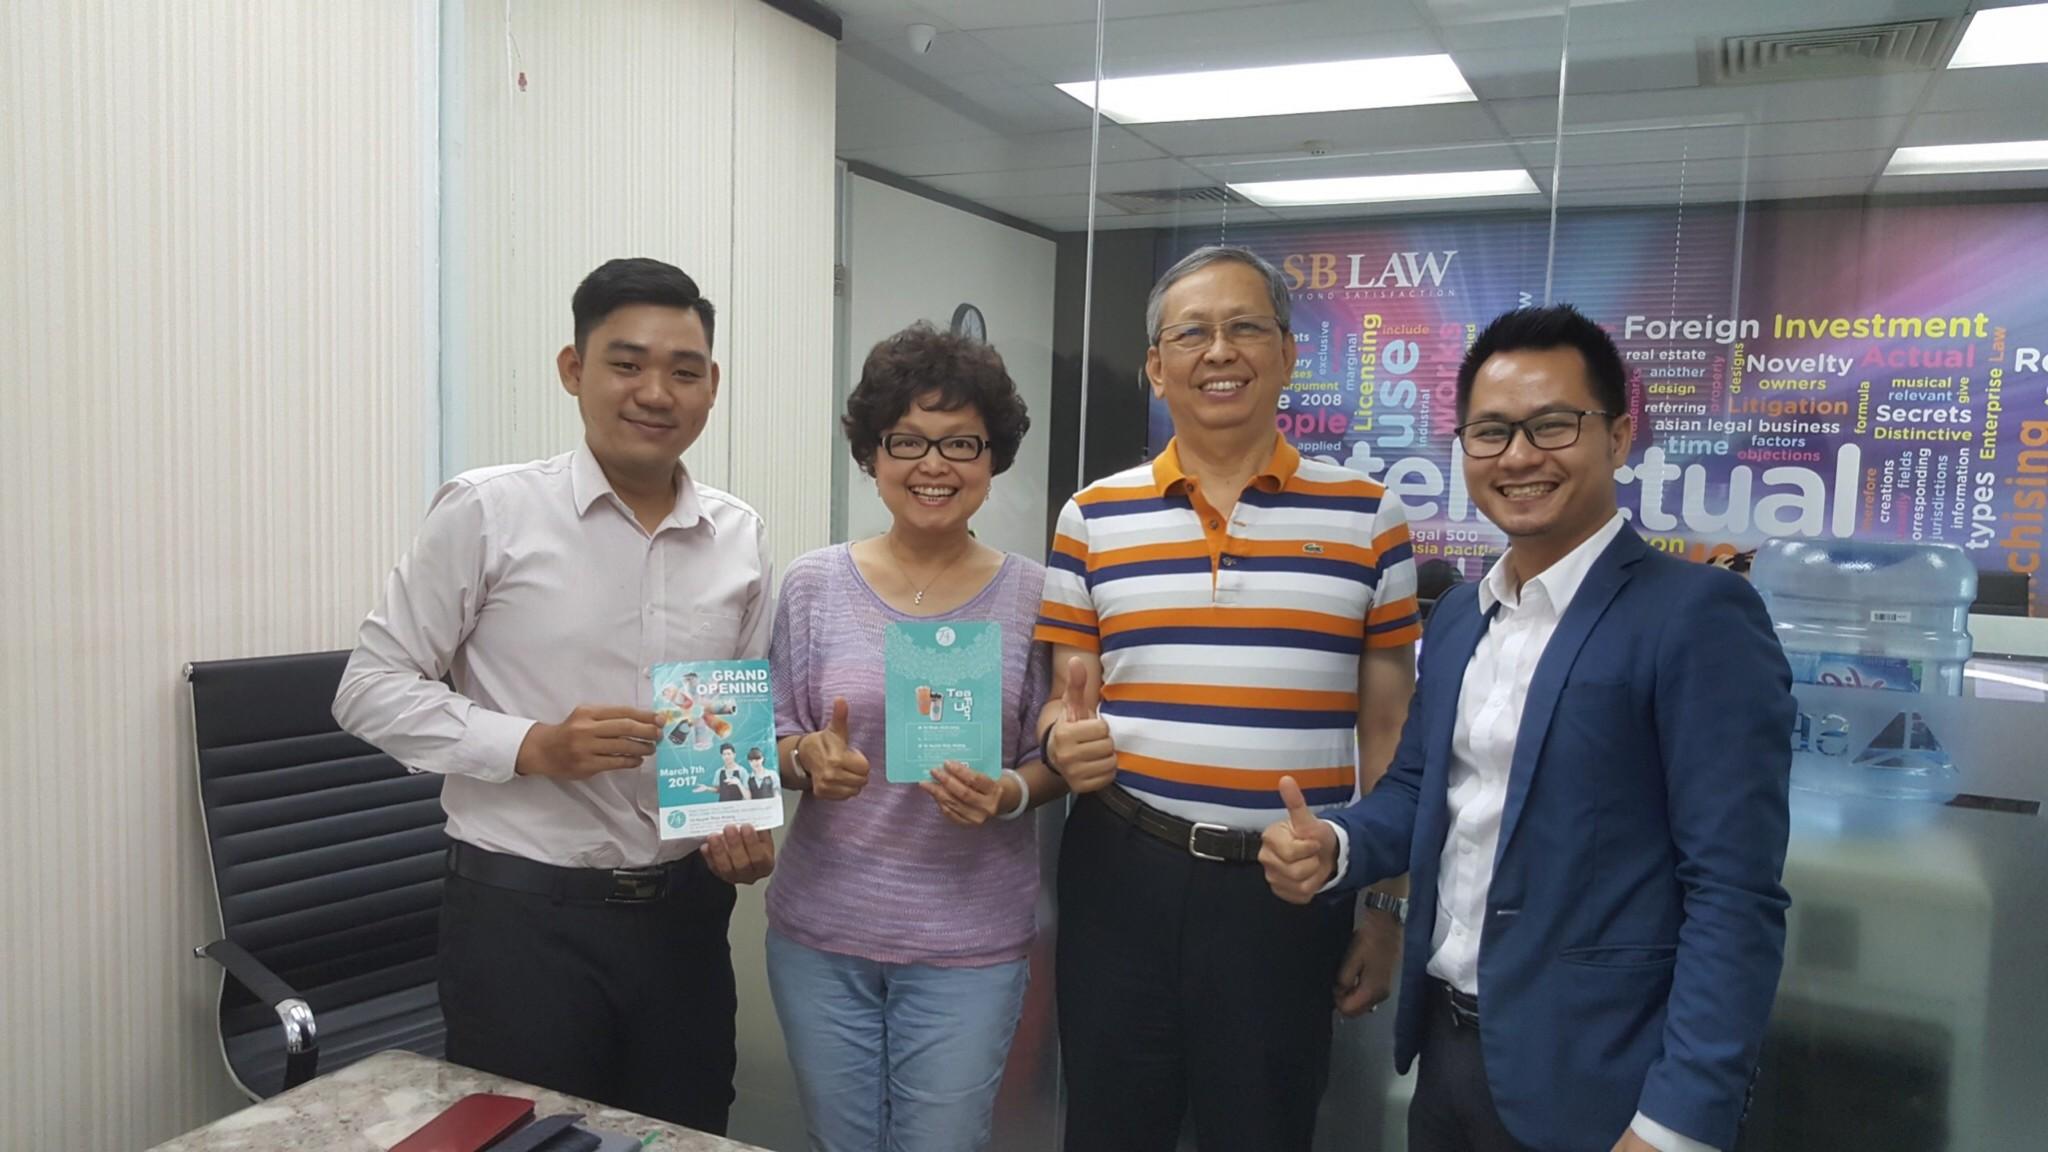 Luật sư Nguyễn Tiến Hoà tiếp và làm việc với doanh nghiệp trà sữa Đài Loan